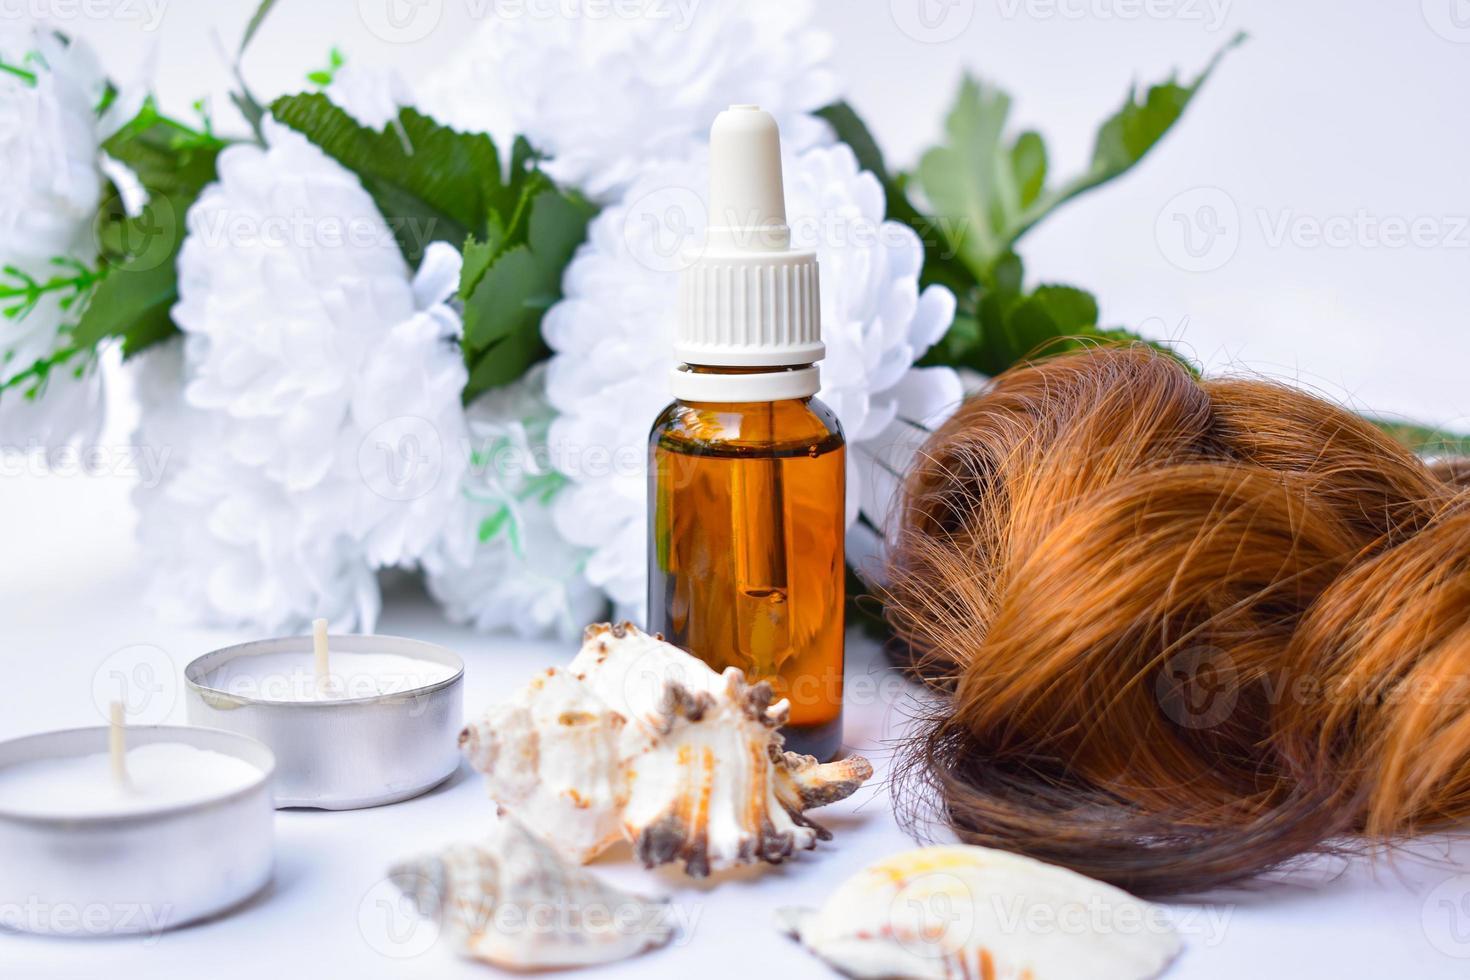 quadro de cuidados com os cabelos com óleo de argan, histórico do produto foto